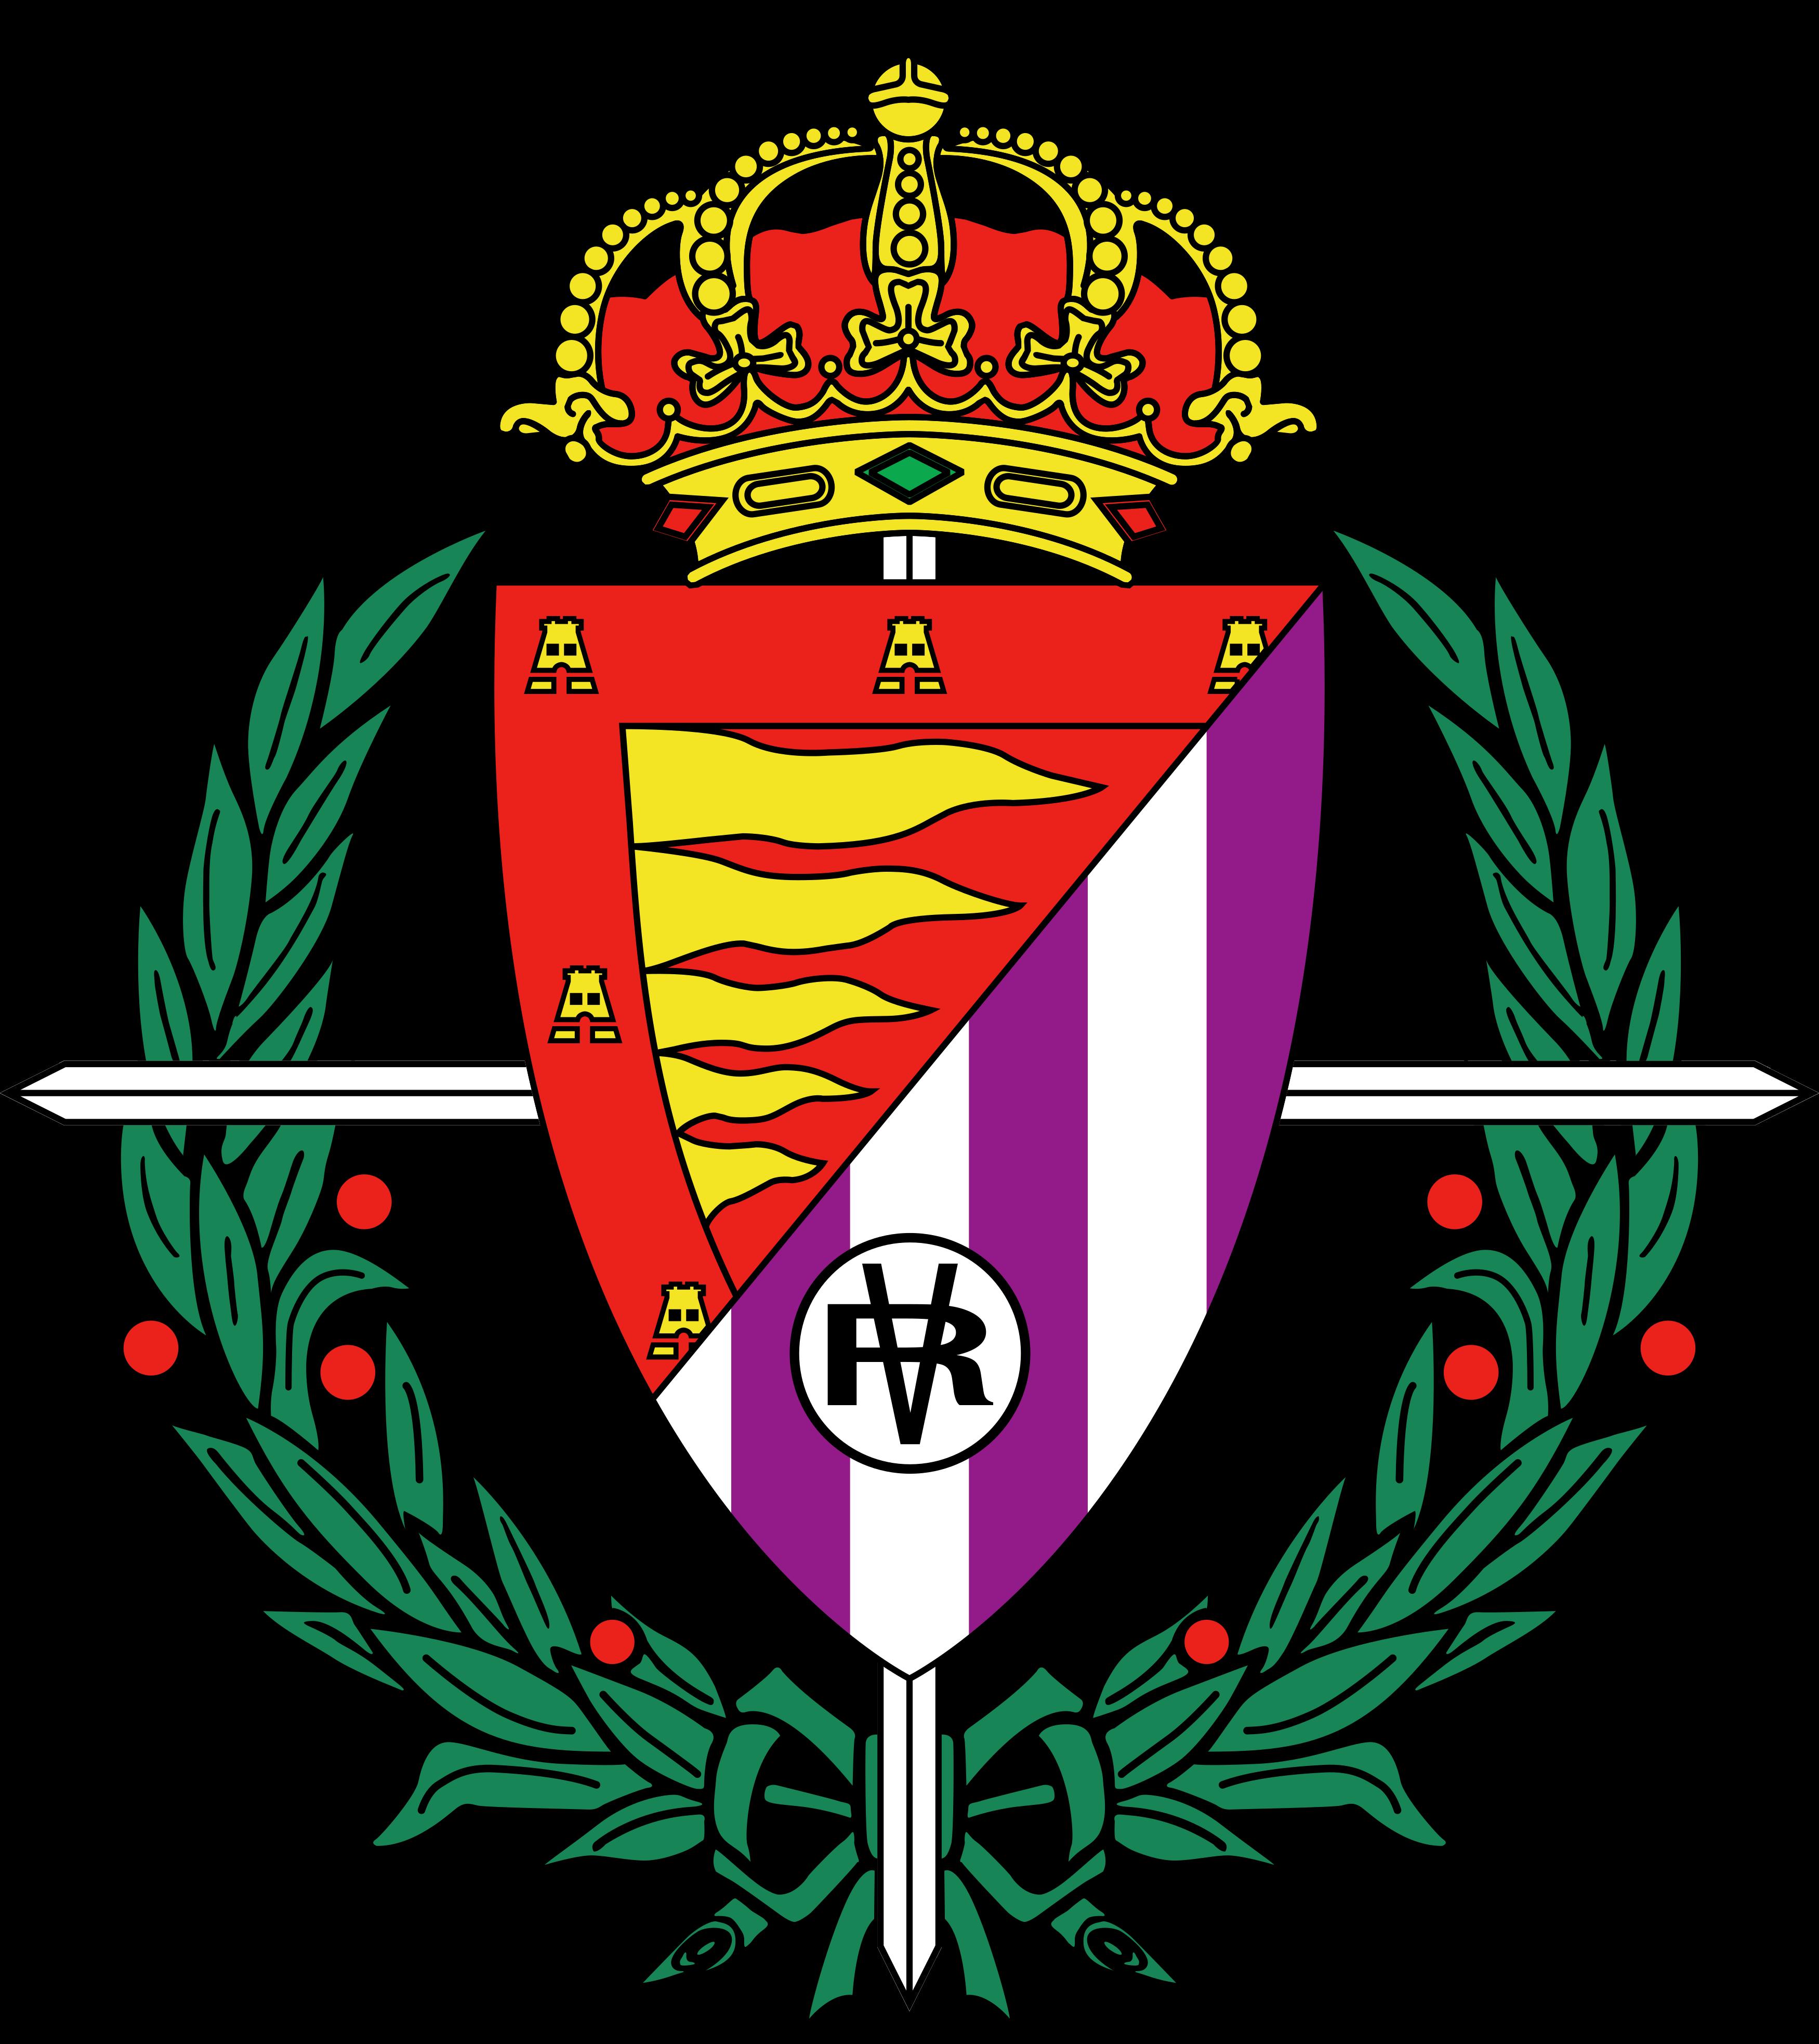 real valladolid logo escudo - Real Valladolid Logo - Real Valladolid Club de Fútbol Escud